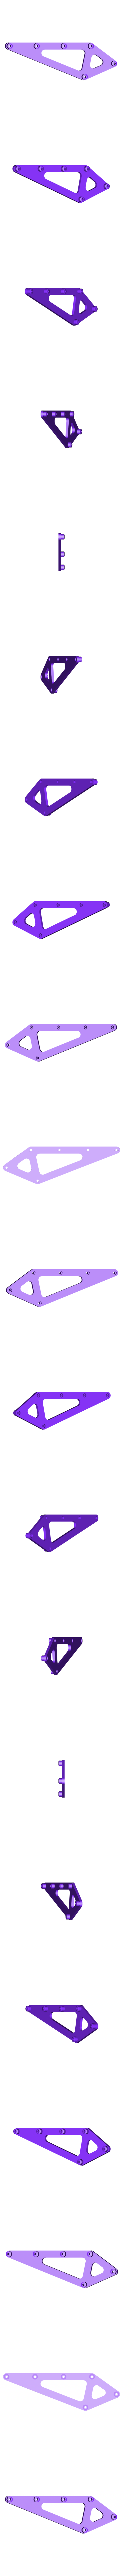 Versteifung gespiegelt.stl Download STL file RC Speed Tank • 3D printable design, Bryant